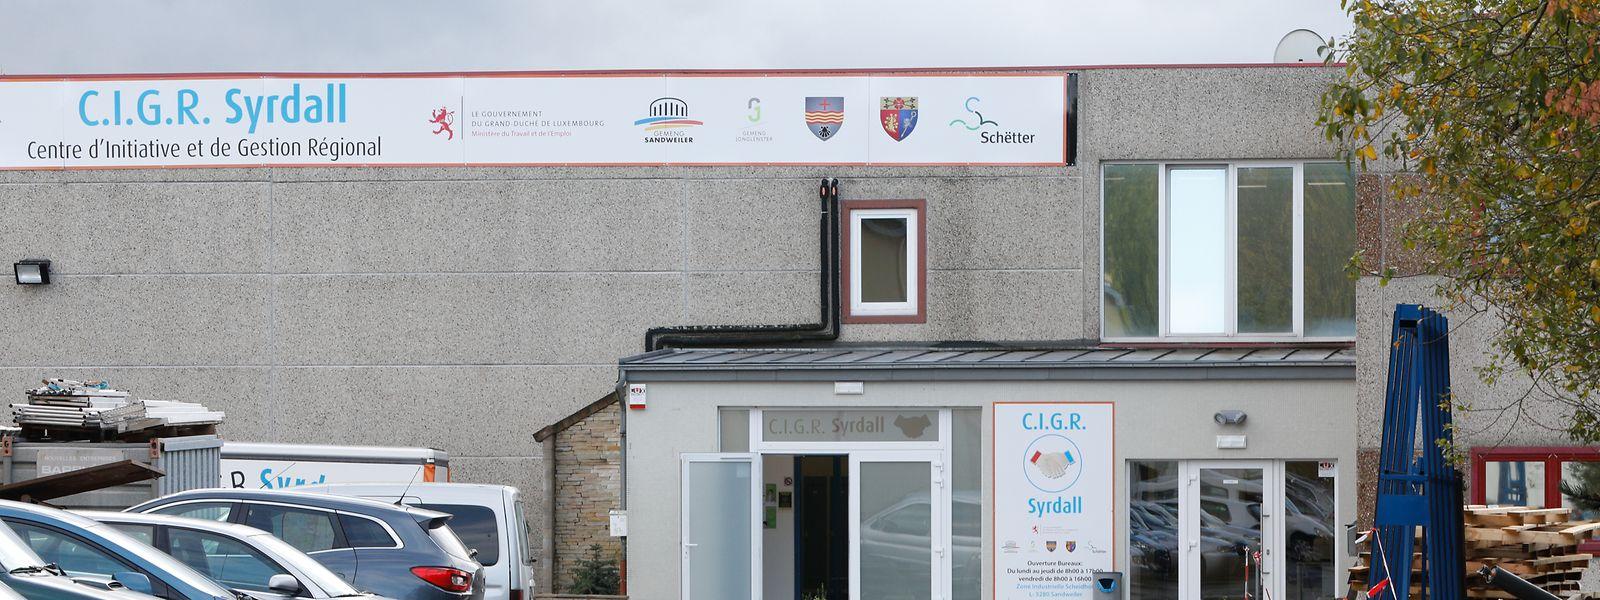 """Die Affäre um das """"Centre d'initiative et de gestion régional"""" Syrdall beschäftigt auch den Gemeinderat von Schüttringen."""